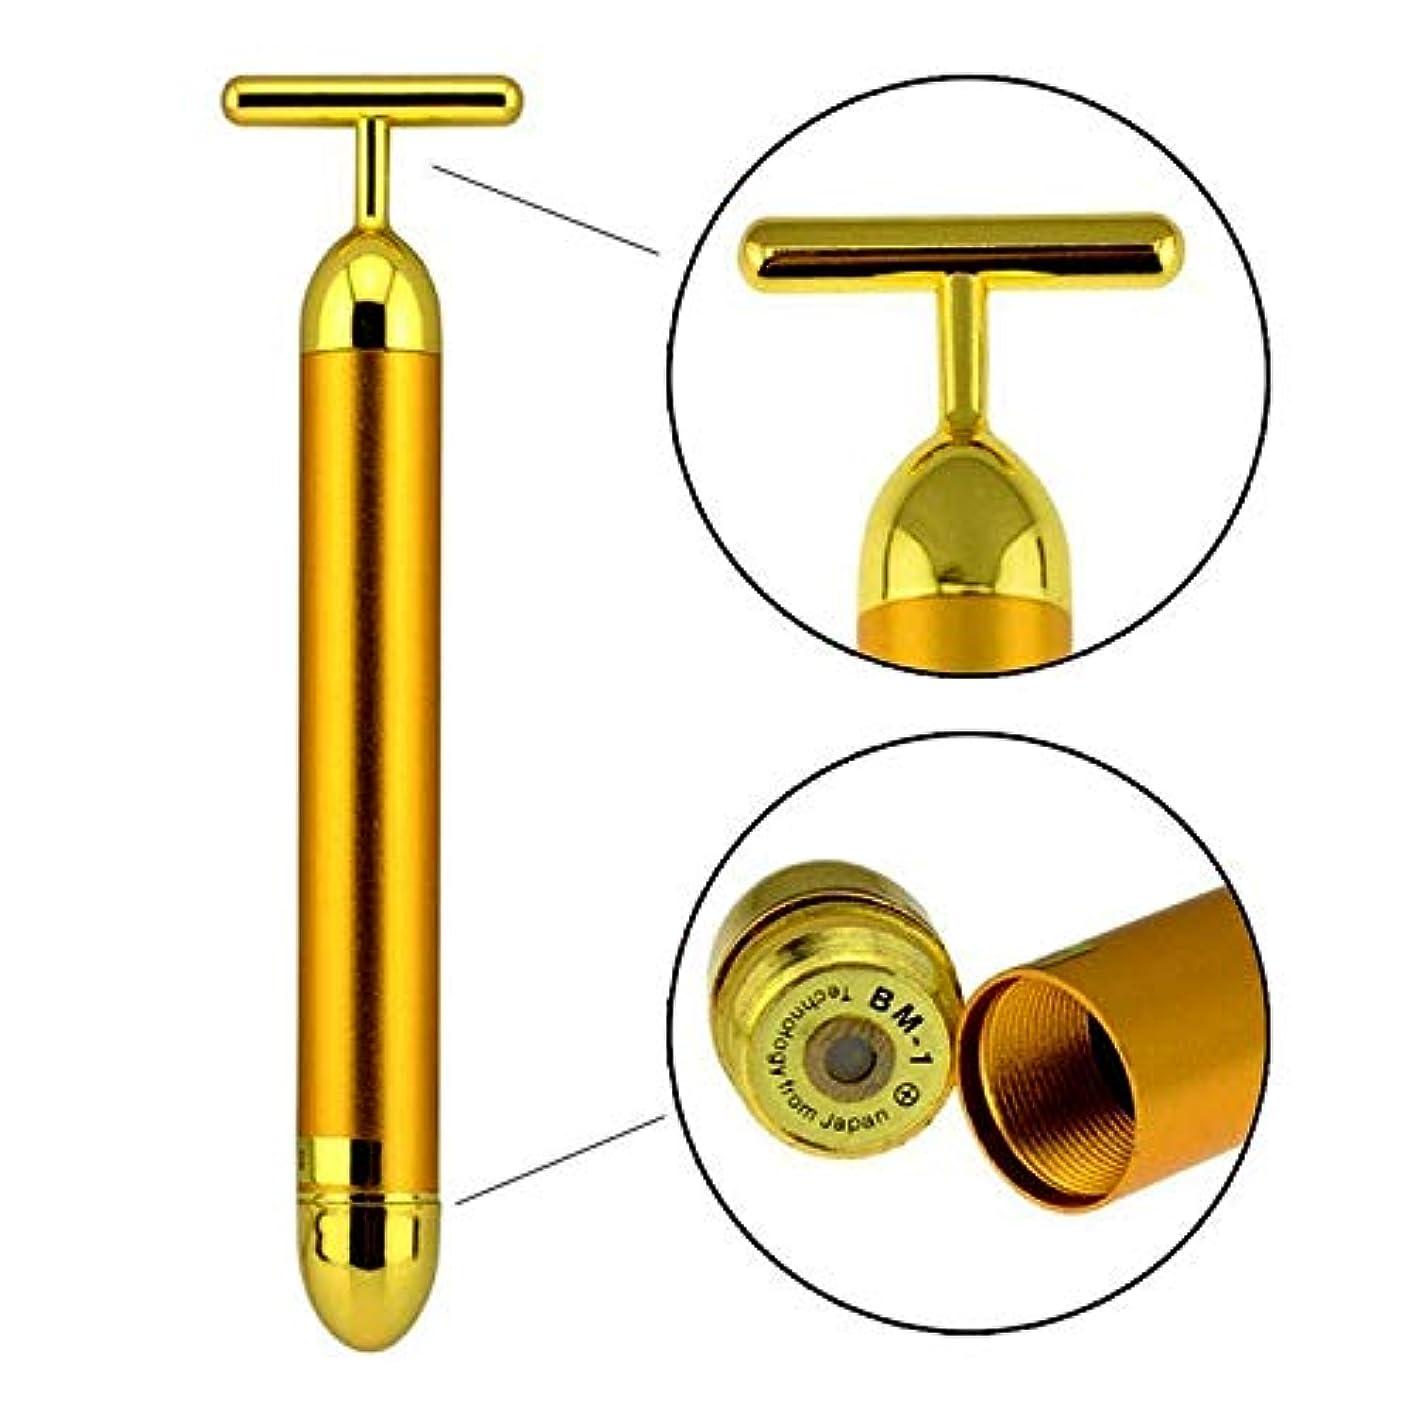 公平修理工抜け目がない24k金美棒、電子顔のローラーの防水マイクロ振動のマッサージャー